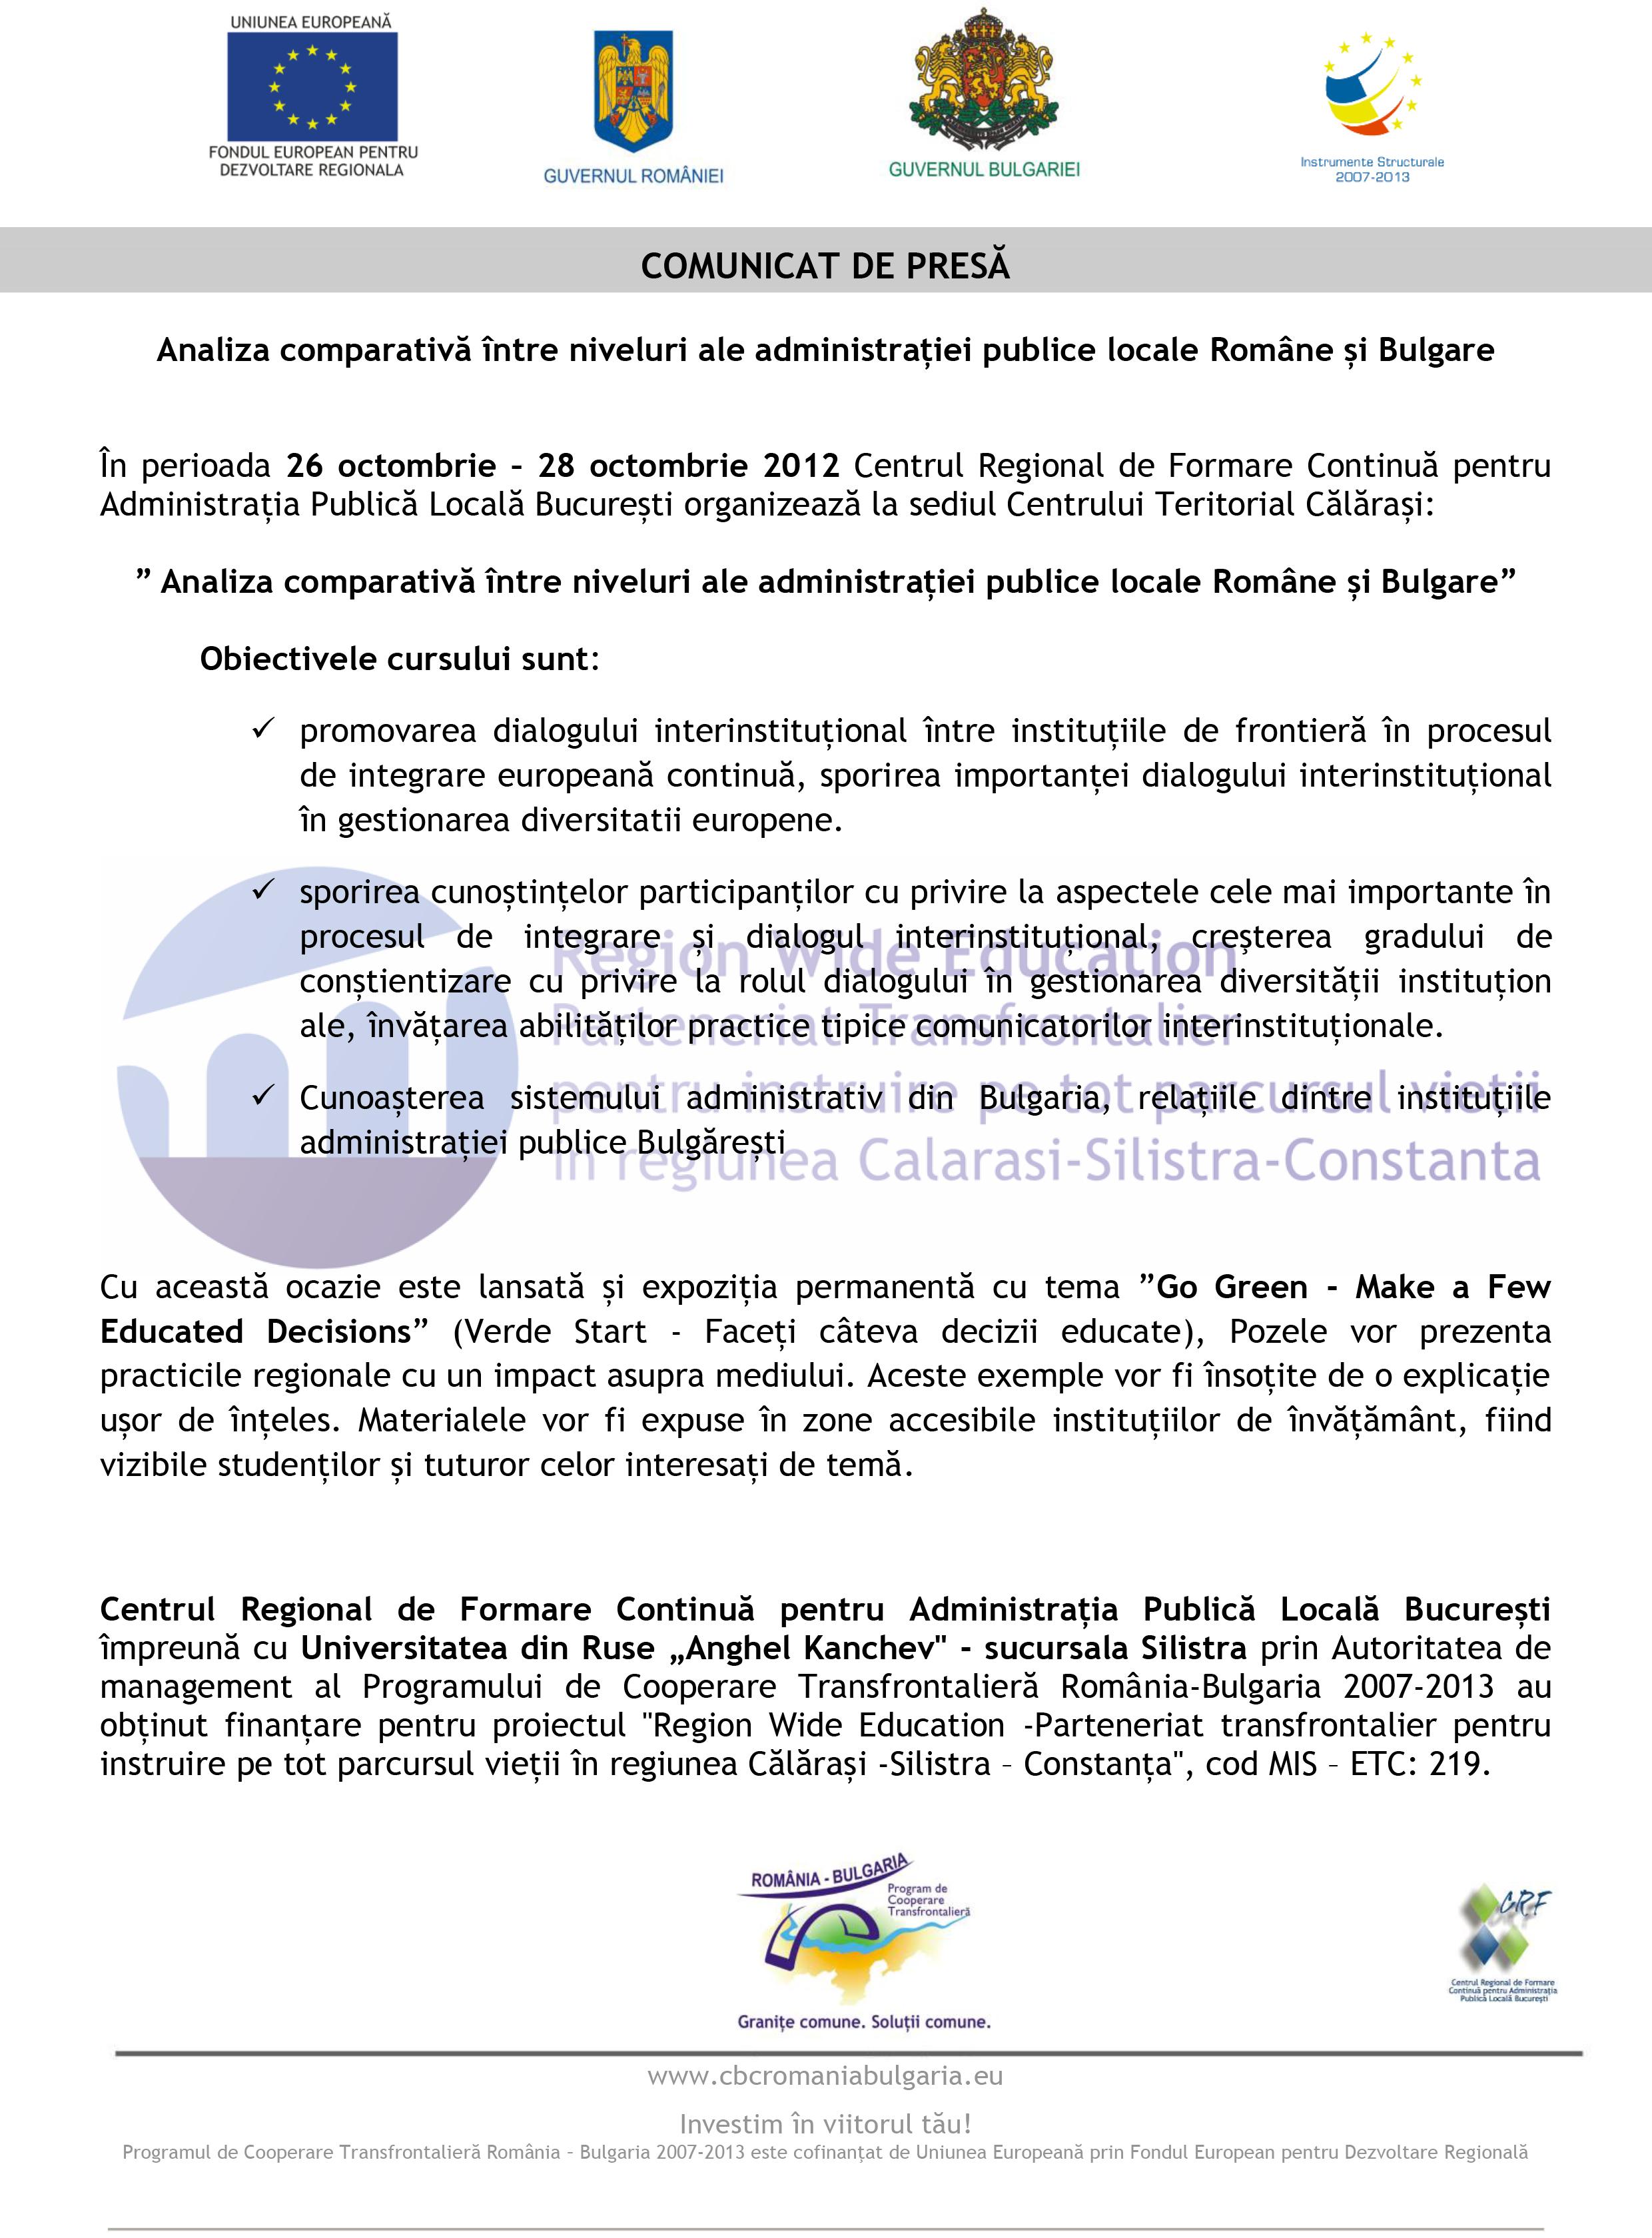 Analiza comparativă între niveluri ale administrației publice locale Române și Bulgare